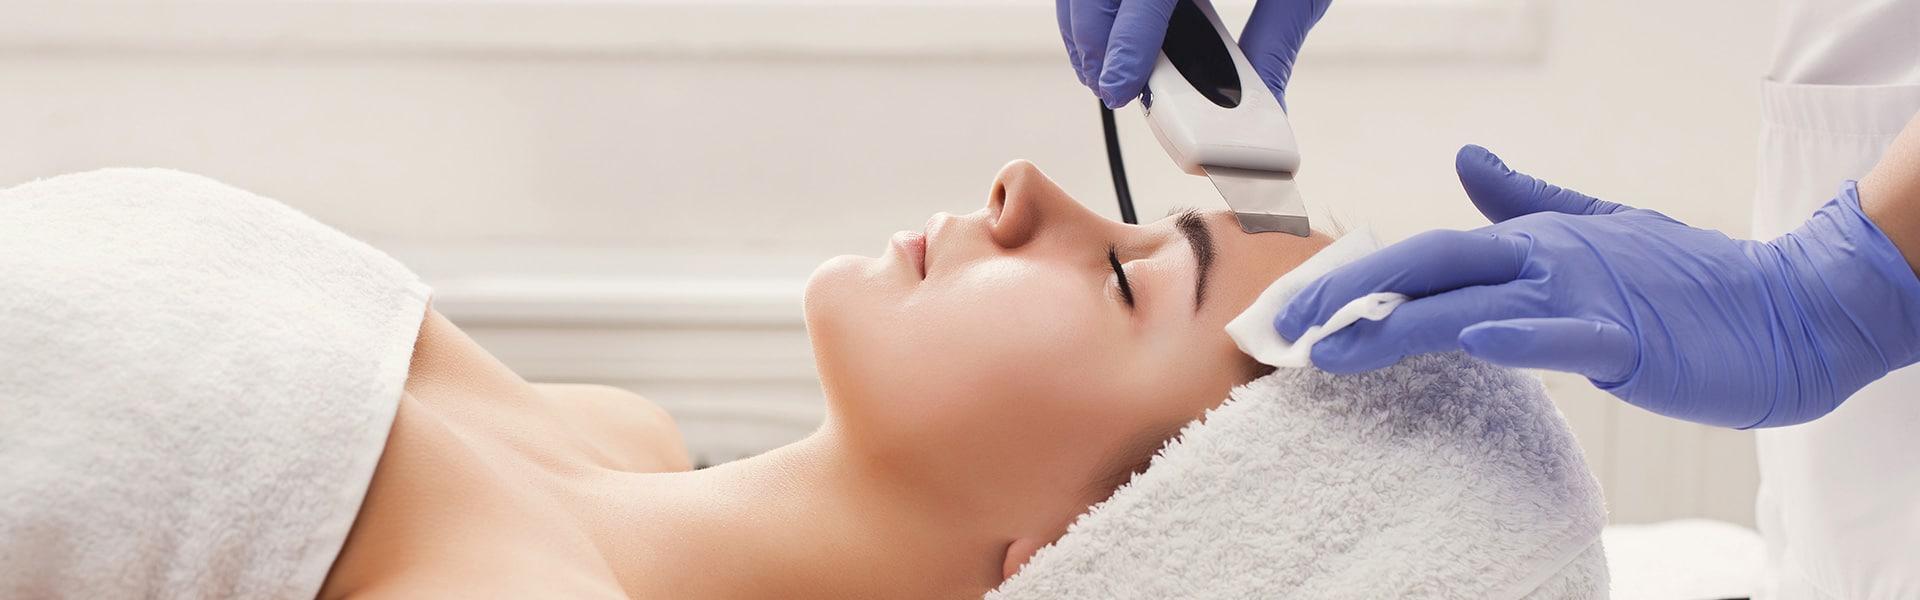 Fototerapia para el Acné y Arrugas